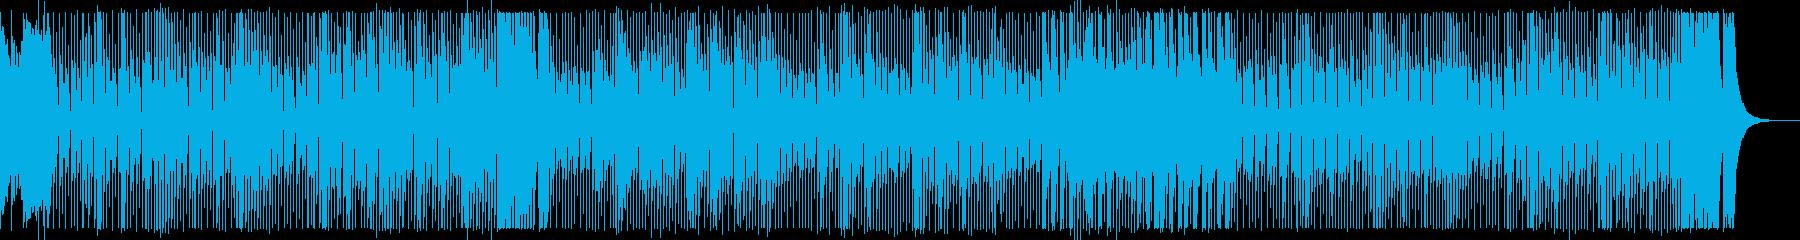 アップテンポでコミカルな和風曲の再生済みの波形